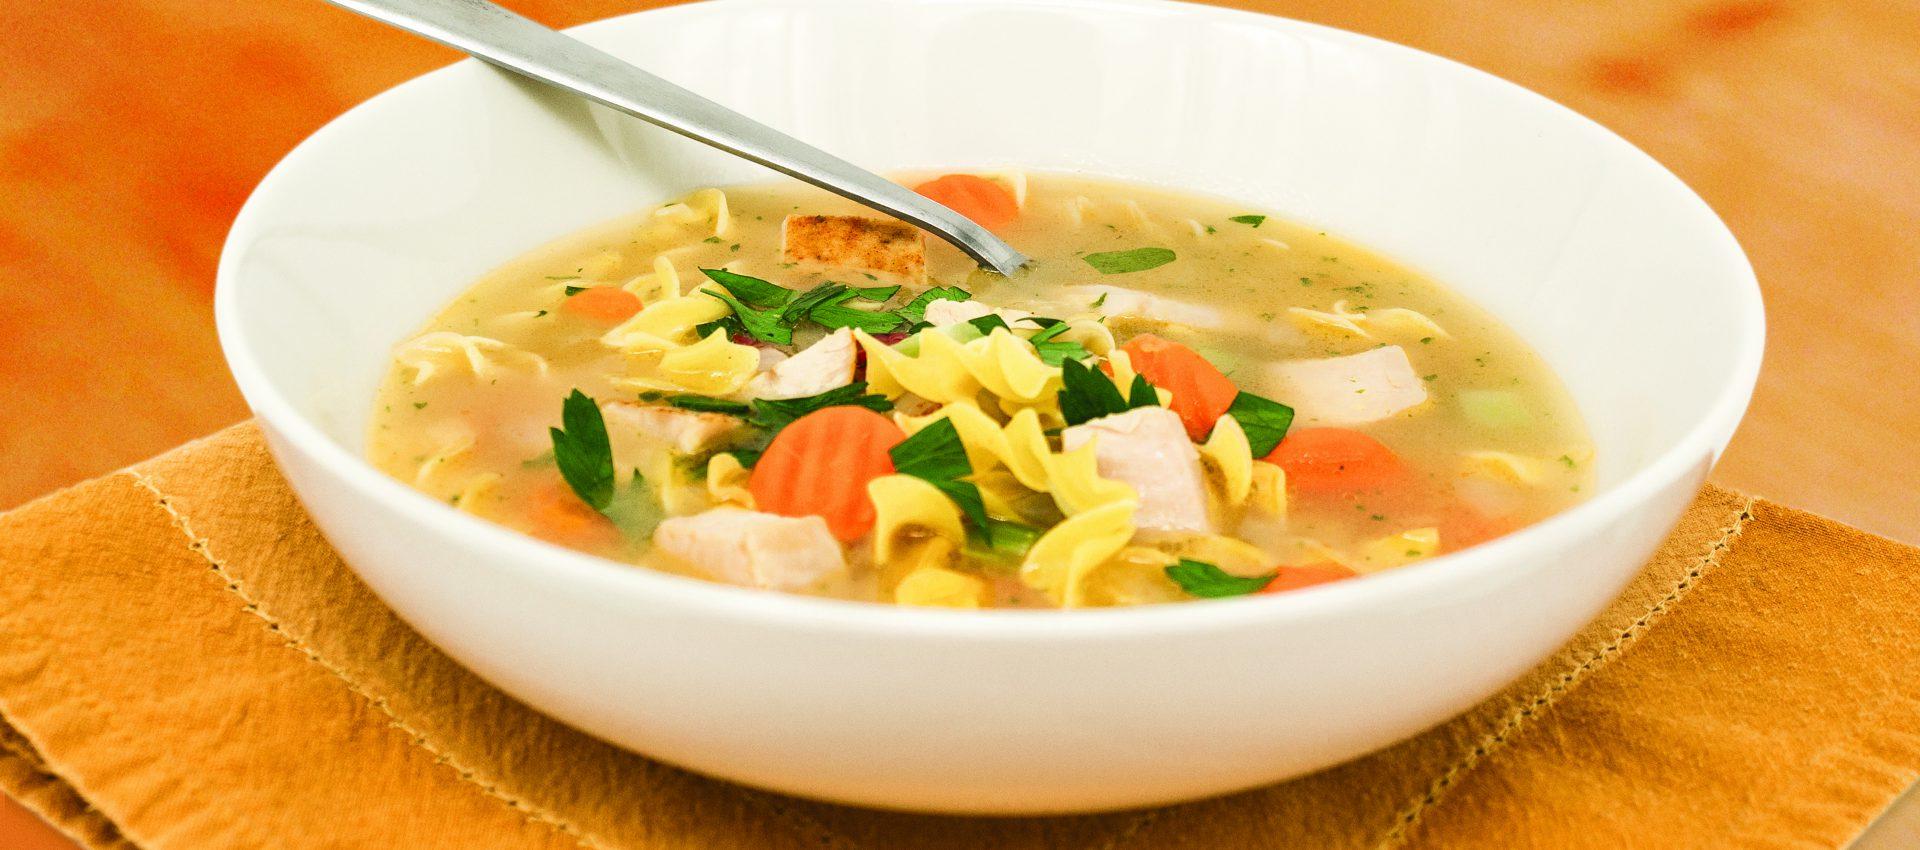 IMG_2043_V0R0_F-1920x850 Turkey Noodle Soup